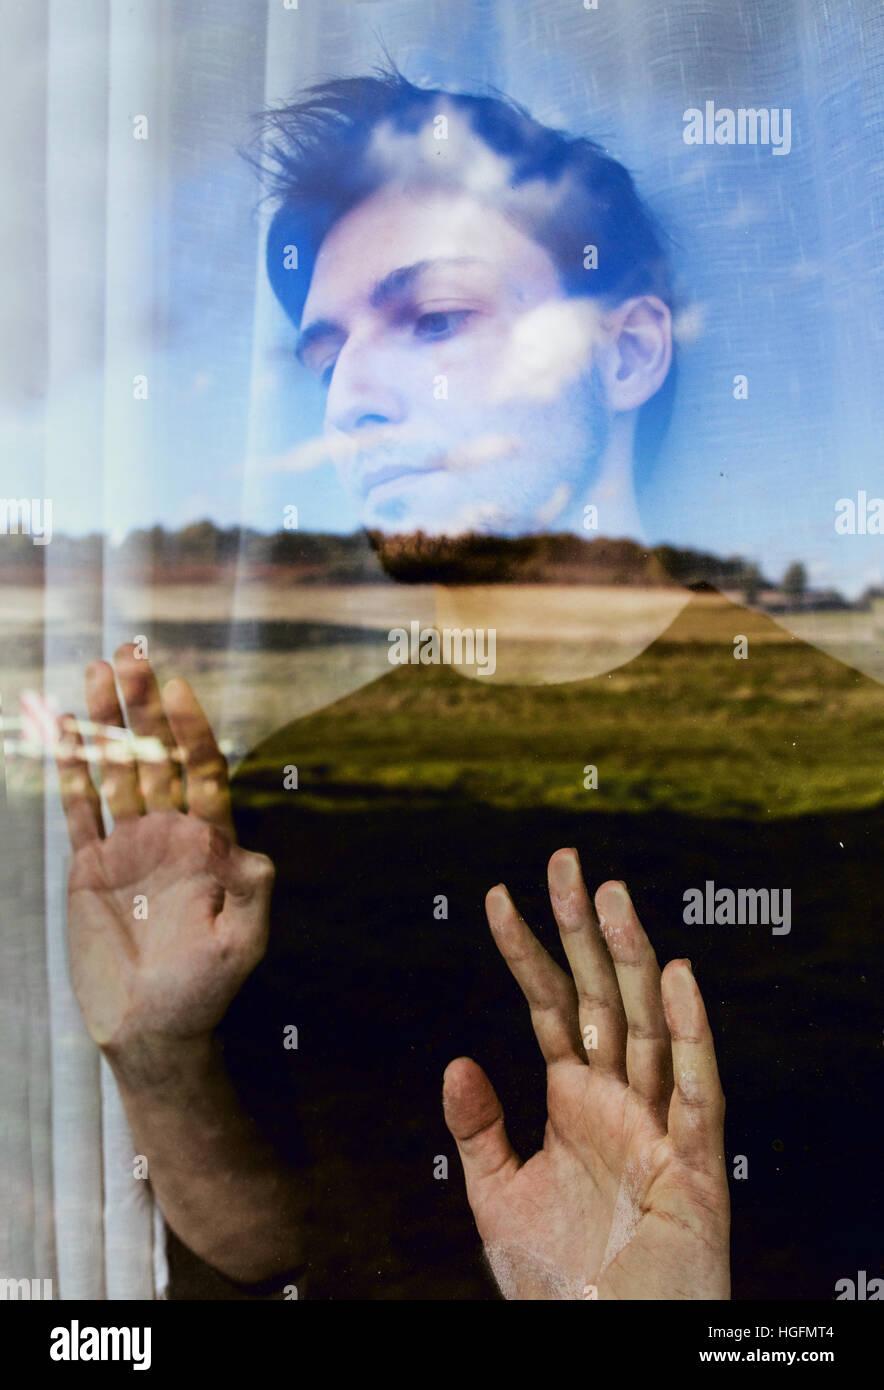 Giovane uomo di sognare con la libertà di guardare attraverso una finestra Immagini Stock